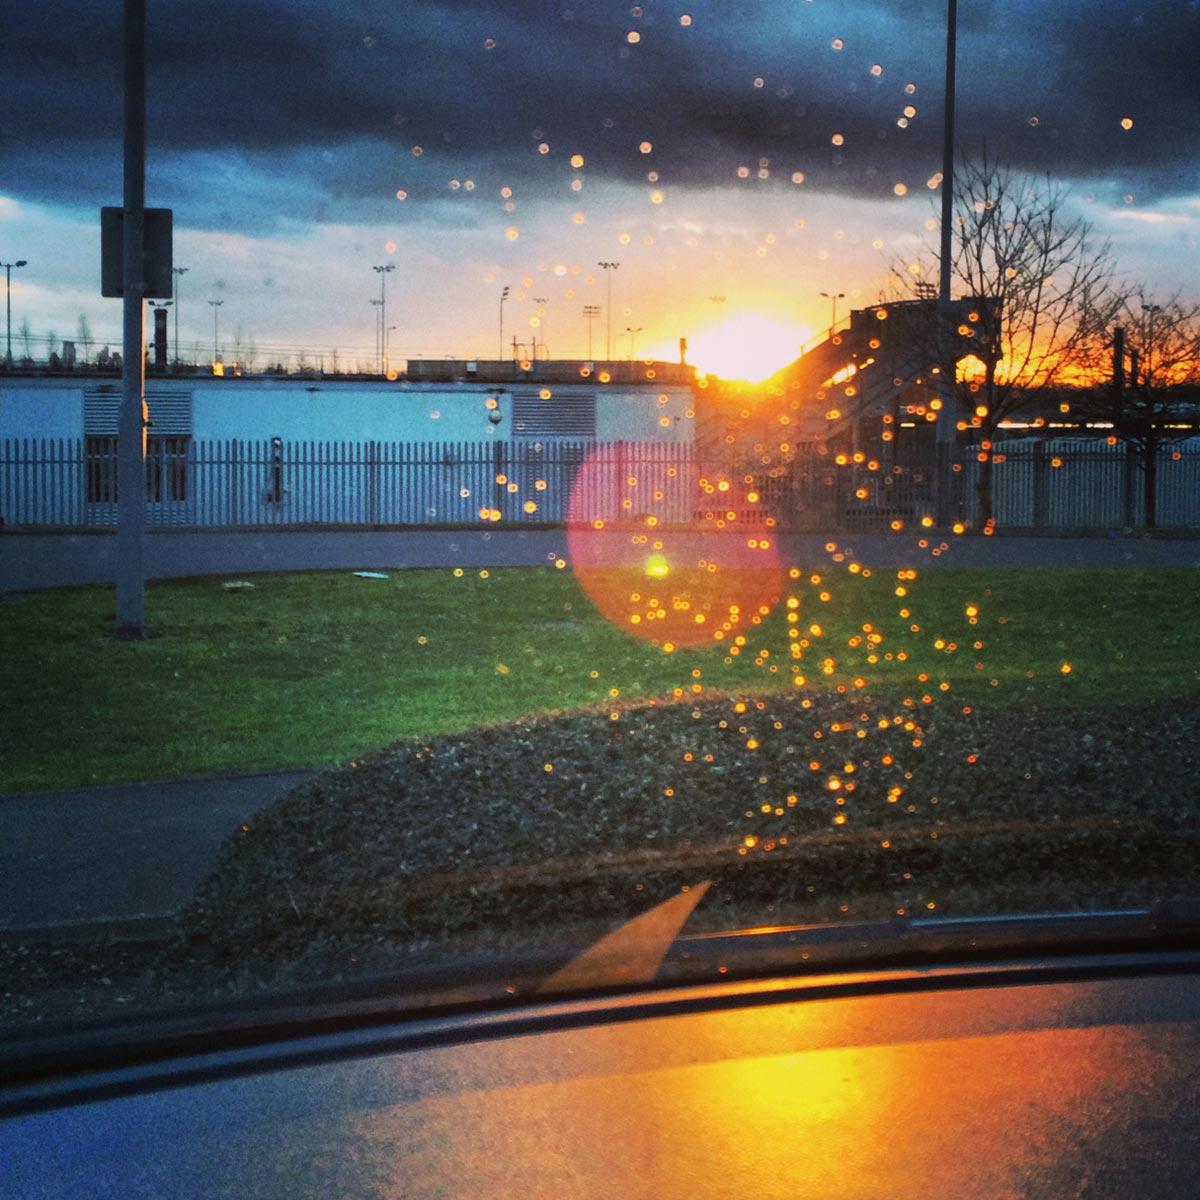 B&Q car park sunset, Leyton